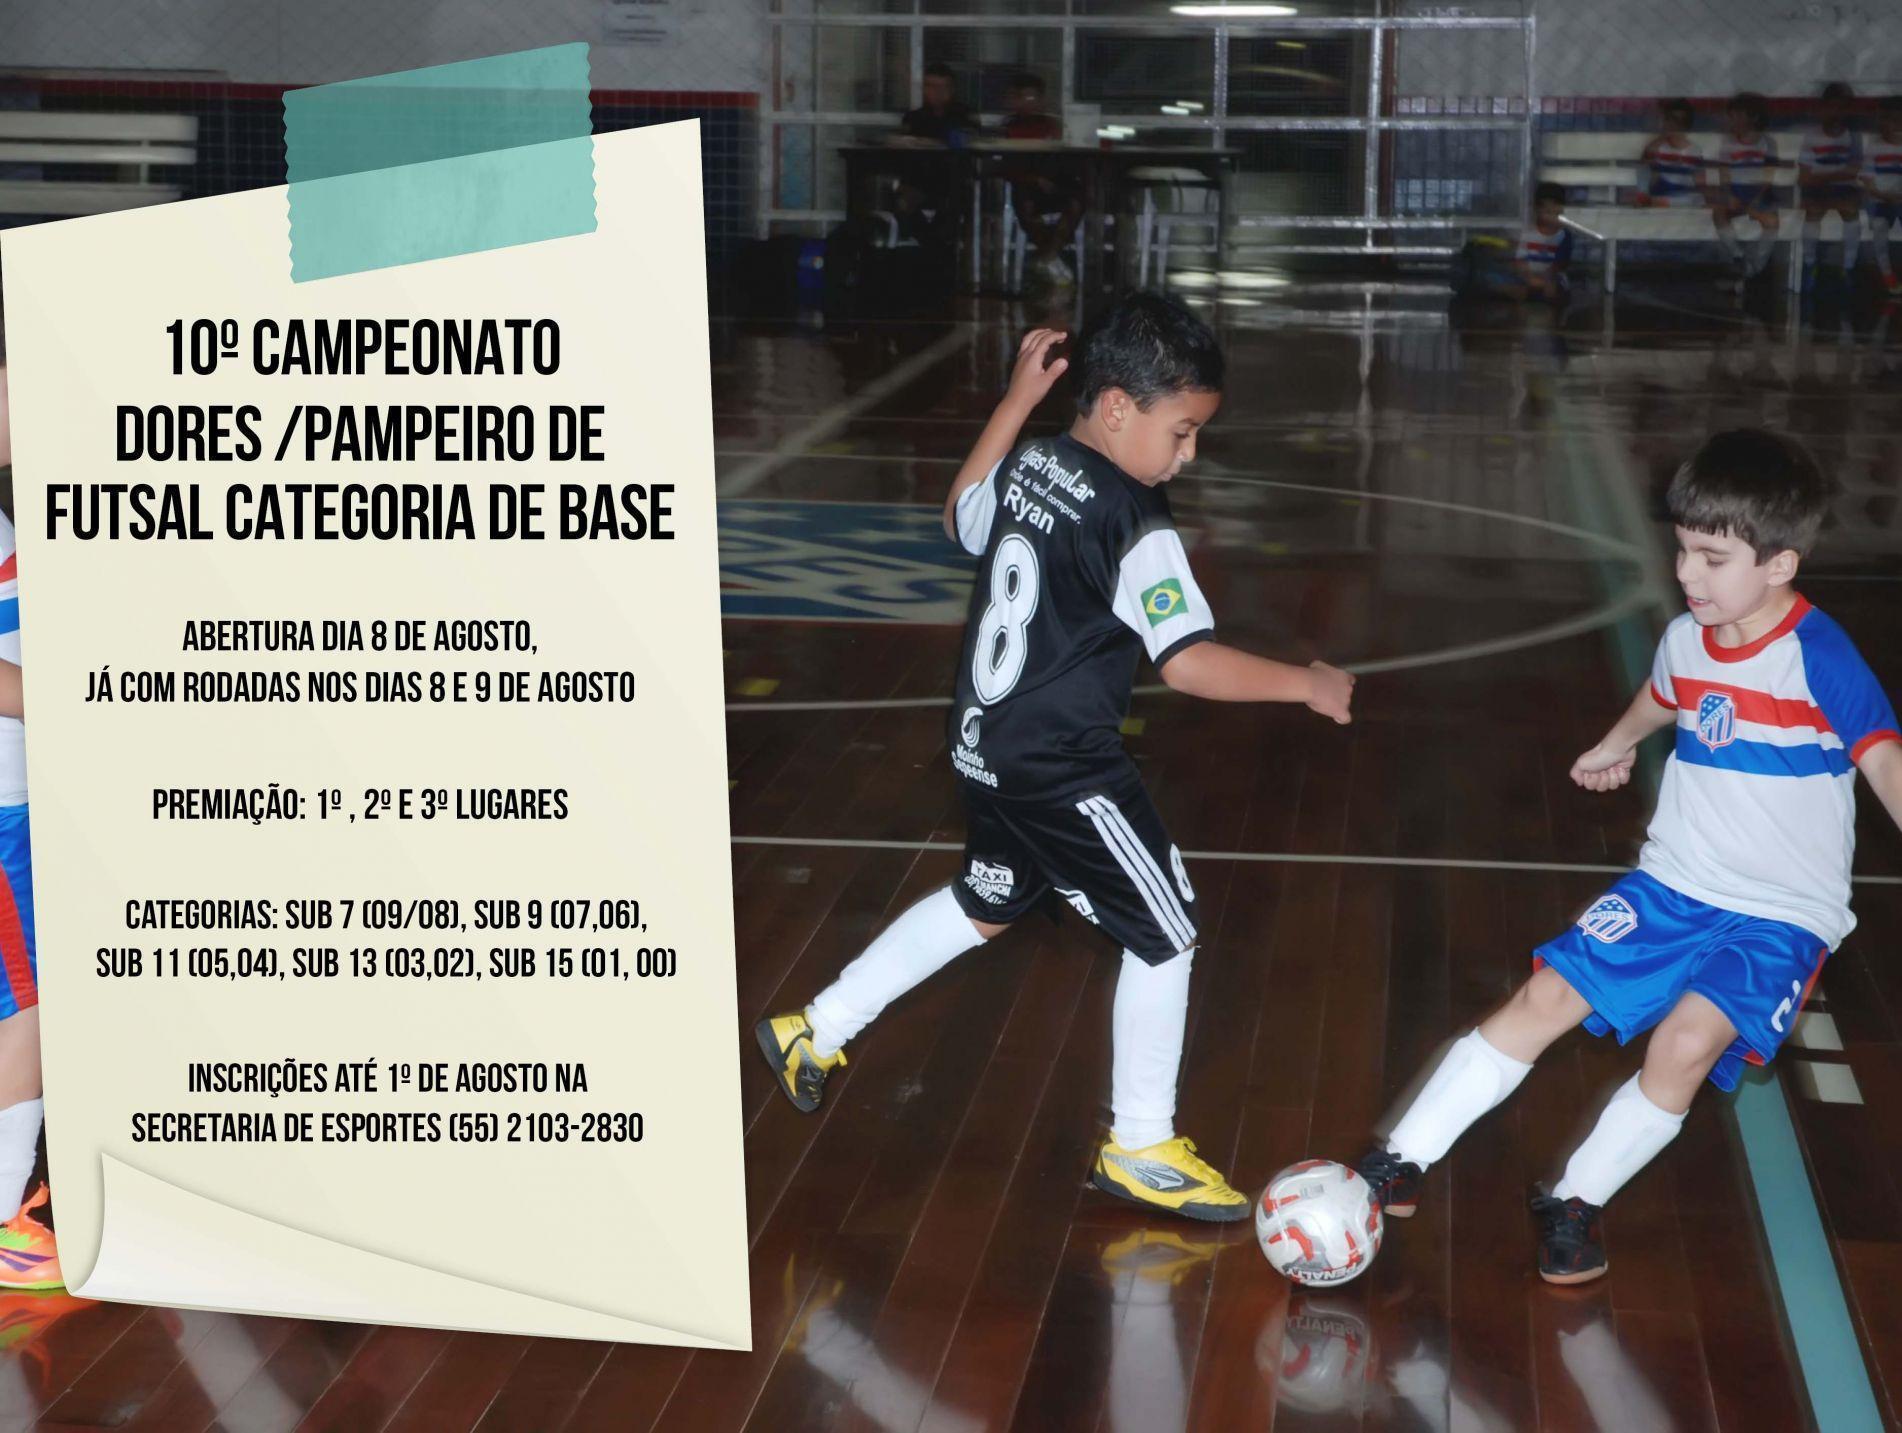 10º Campeonato Dores/ Pampeiro de futsal categorias de base 2015